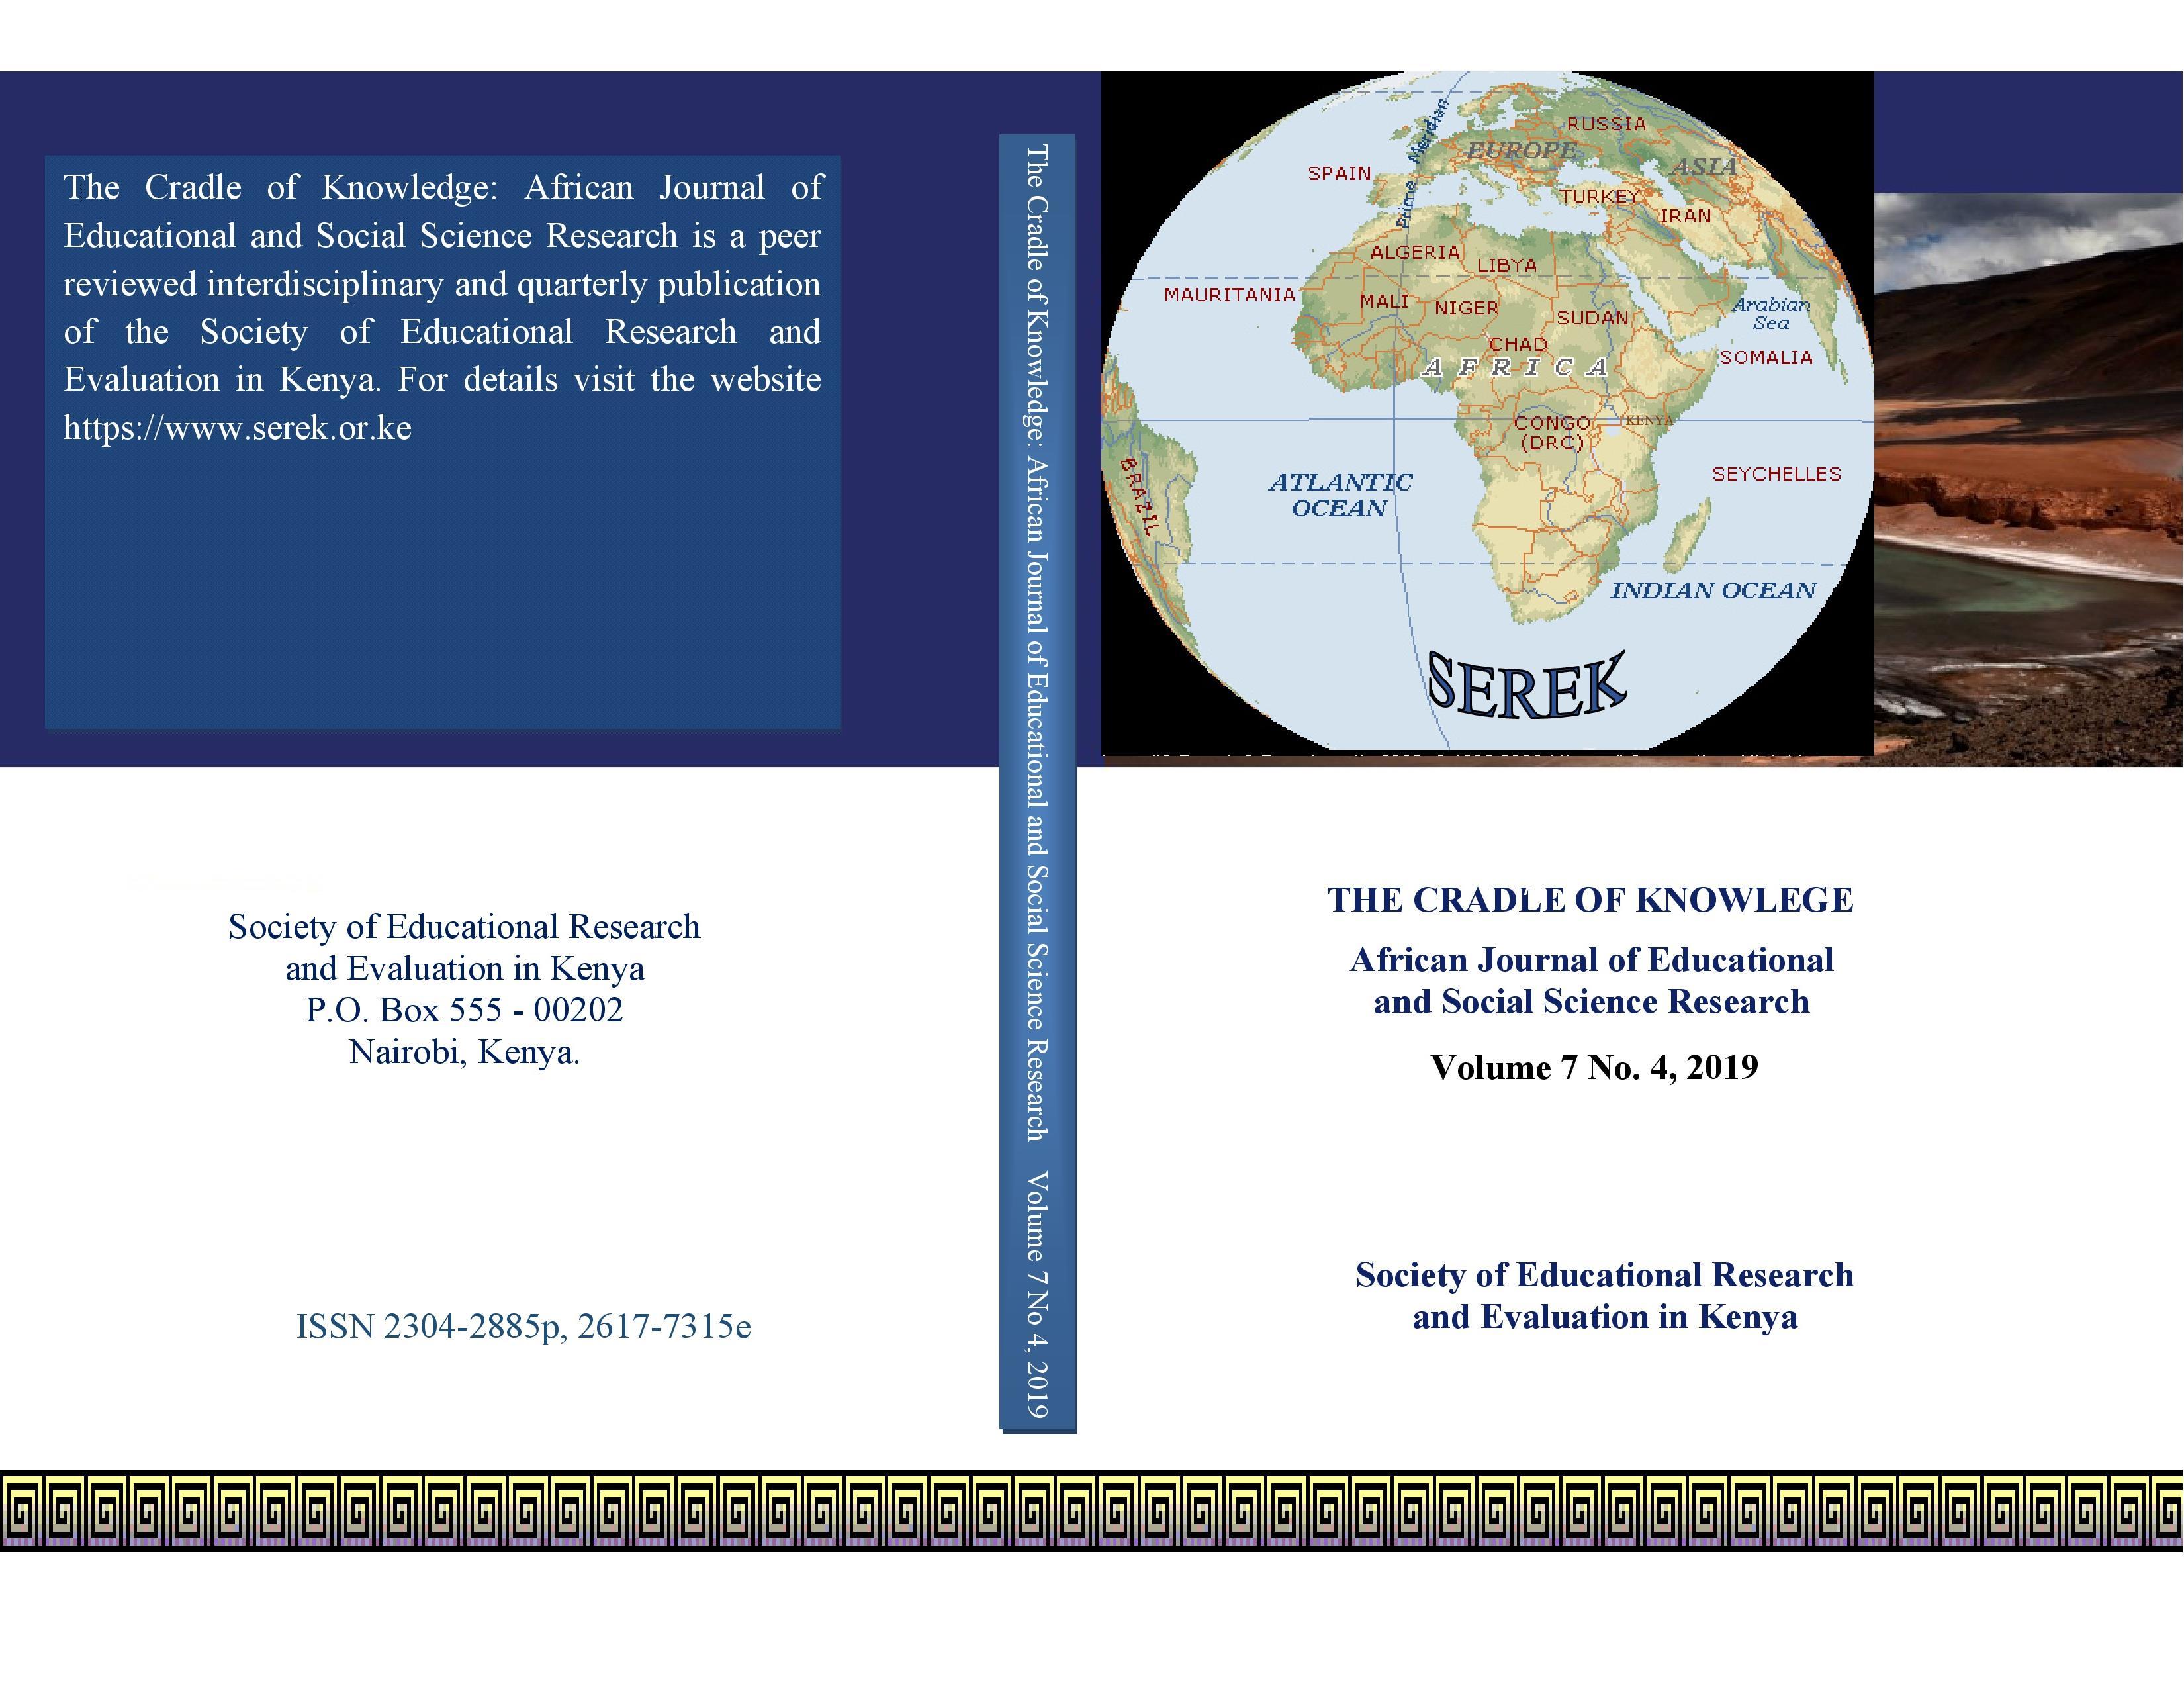 ISSN 2304-2885p, 2617-7315e Vol. 7 No. 4, 2019